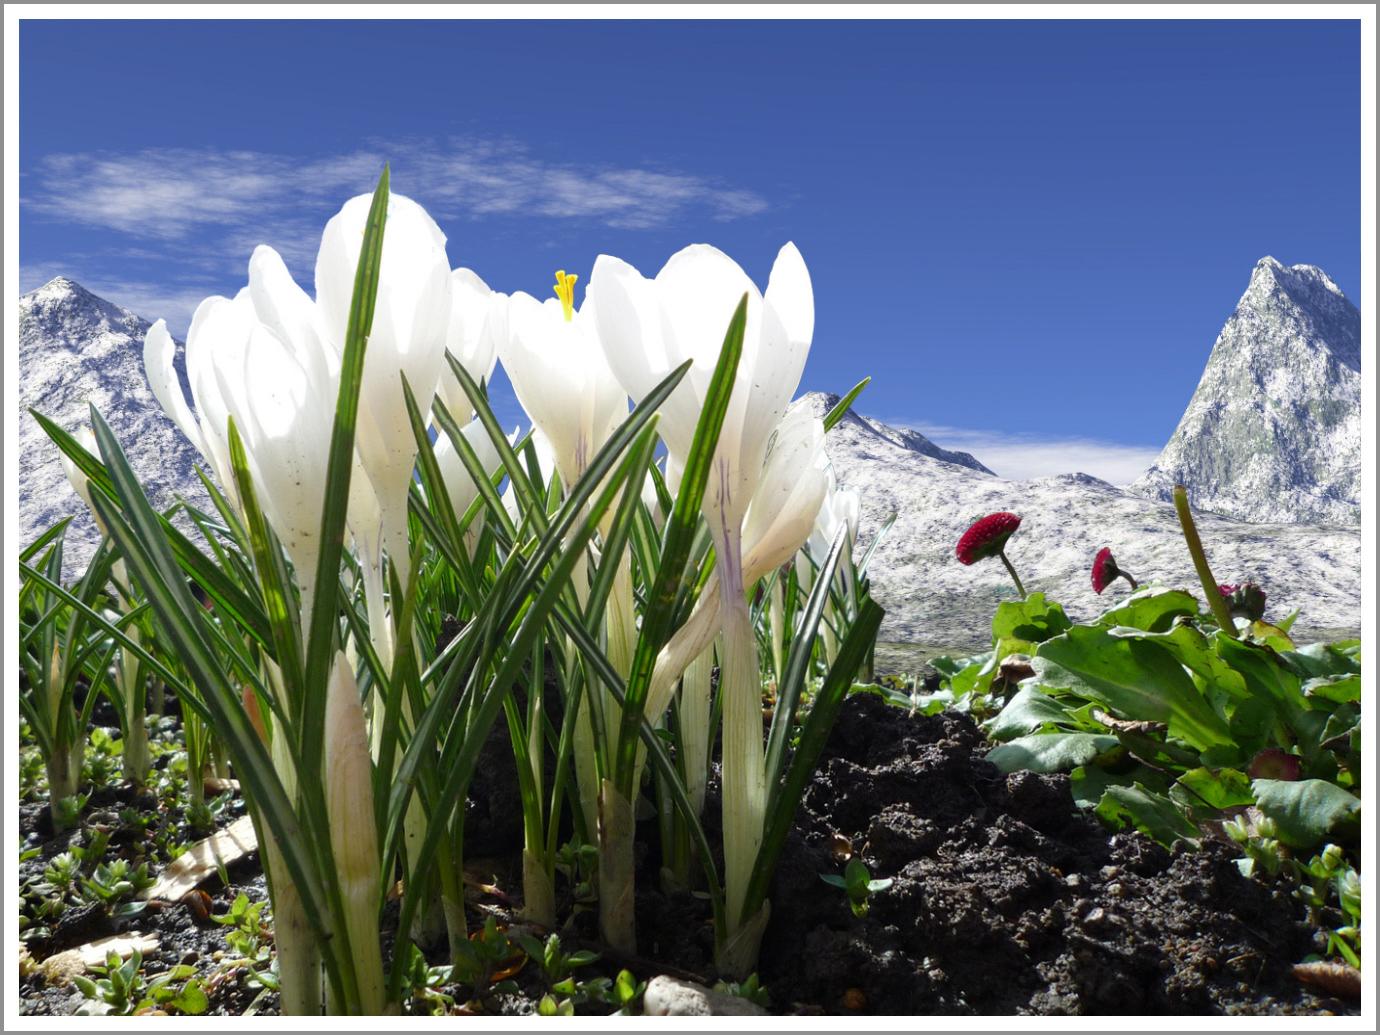 Wallpaper Flowers Blue Sky White Mountains Flower Spring